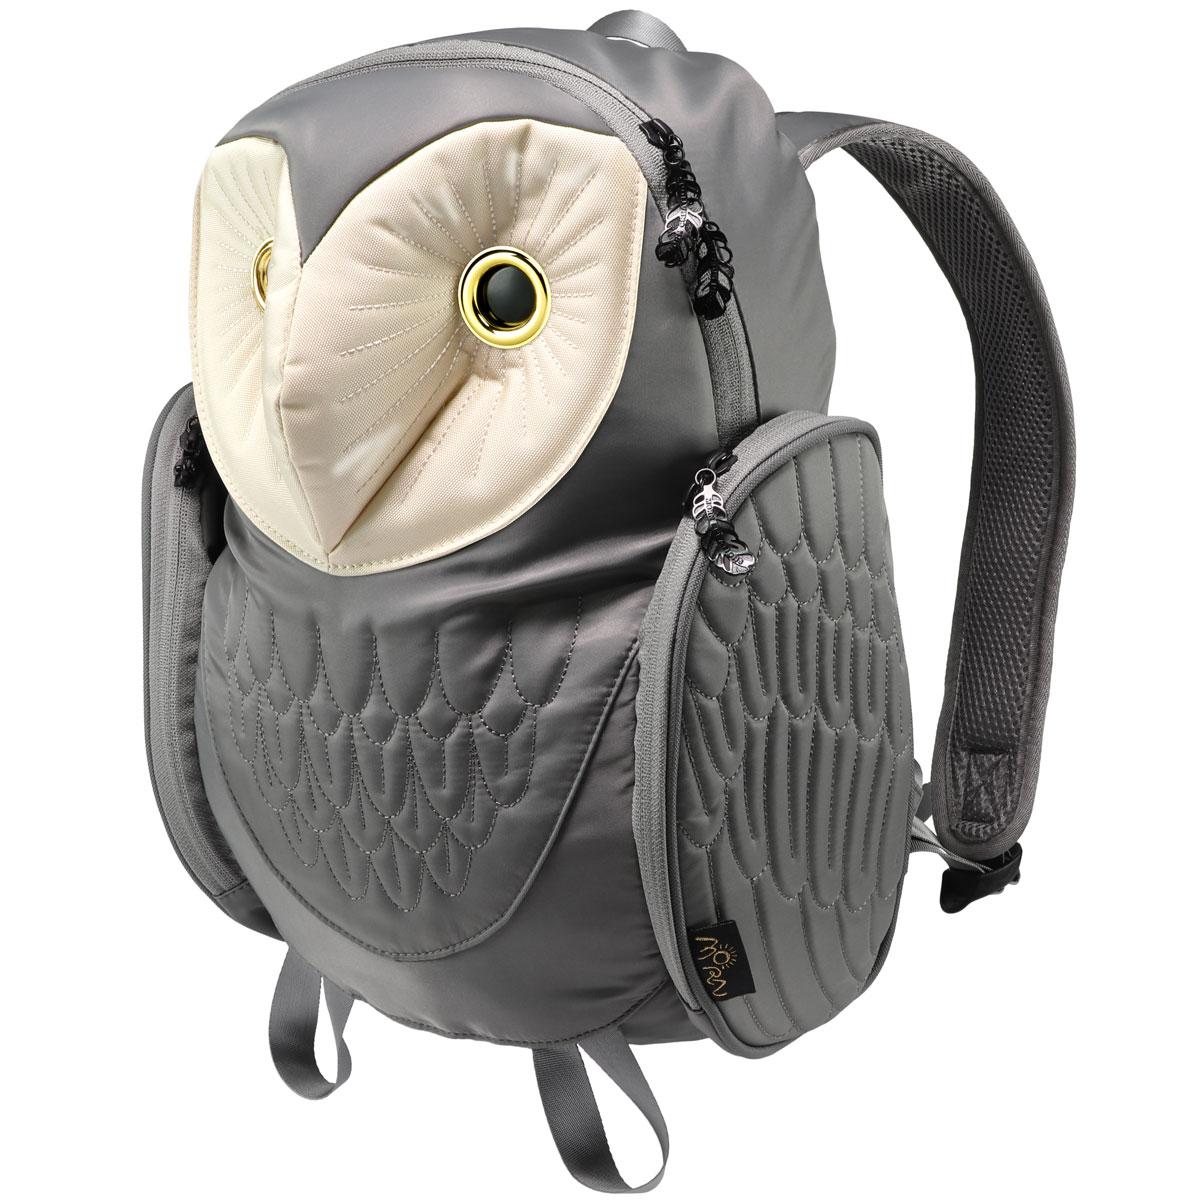 リュック MORN CREATIONS メンフクロウ バックパック Mサイズ 動物バッグ 取り出しやすい背面ポケット付き! モーンクリエイションズ フクロウ M グレー